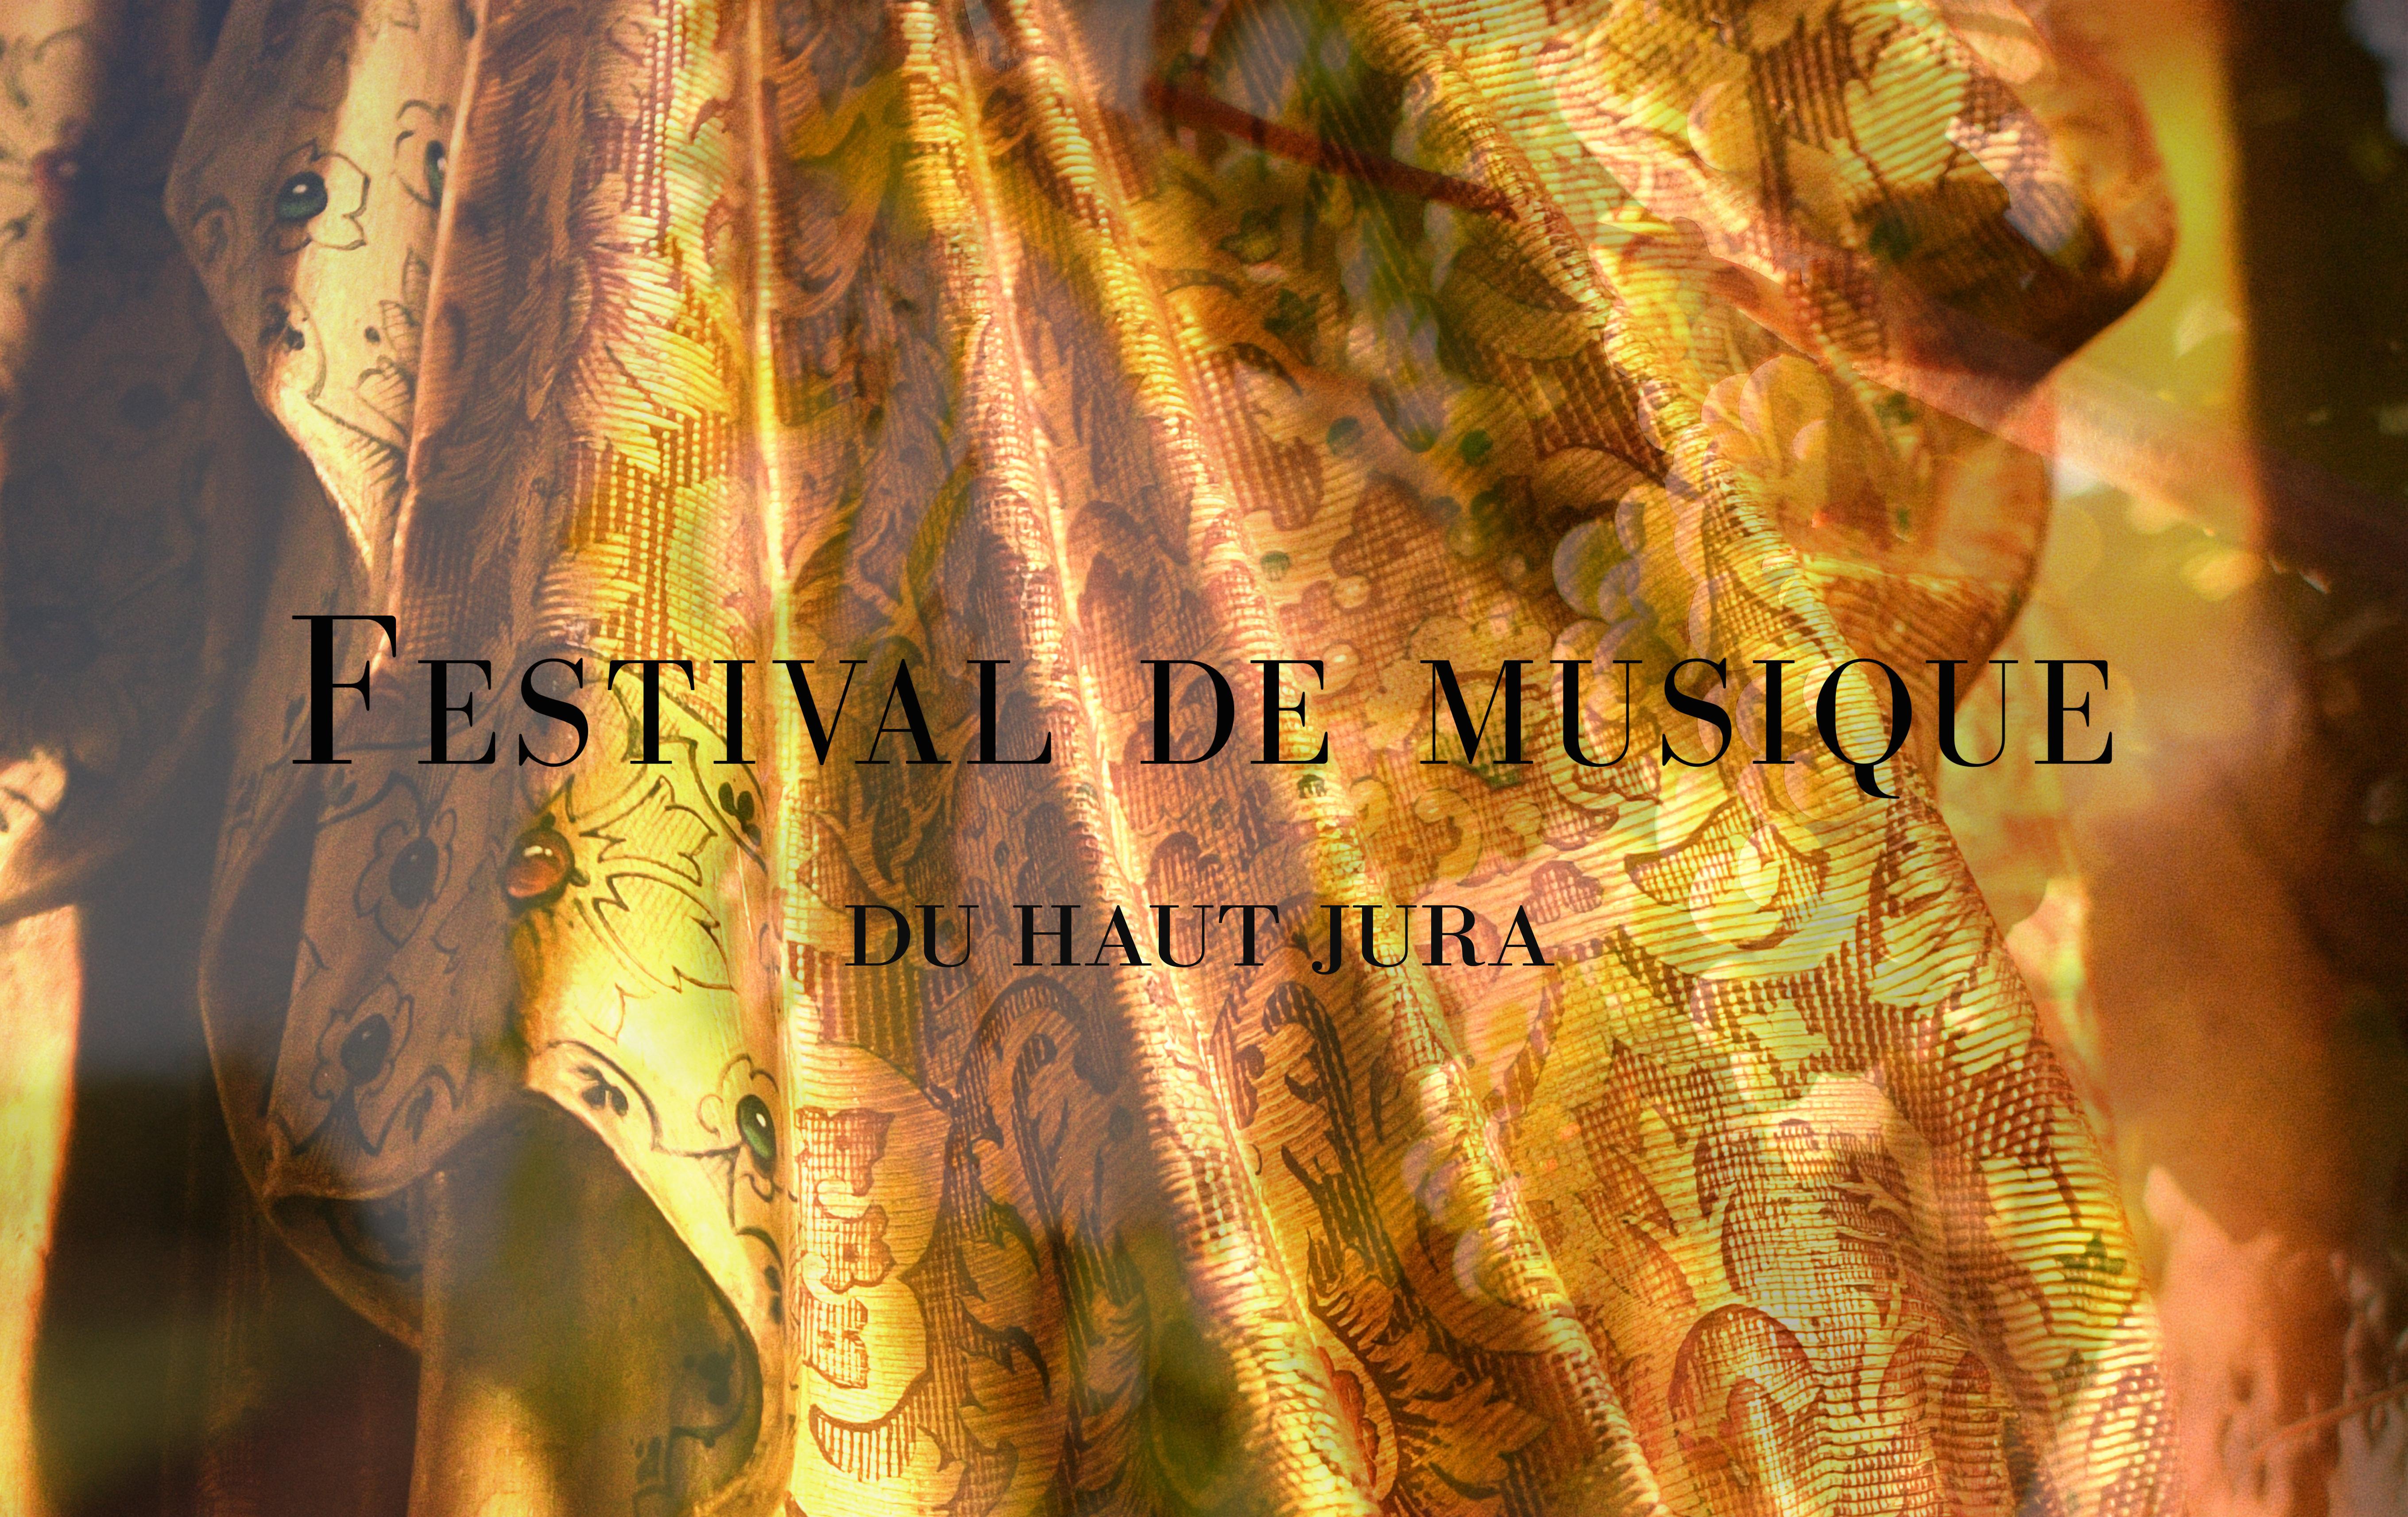 festival de musique baroque du haut jura